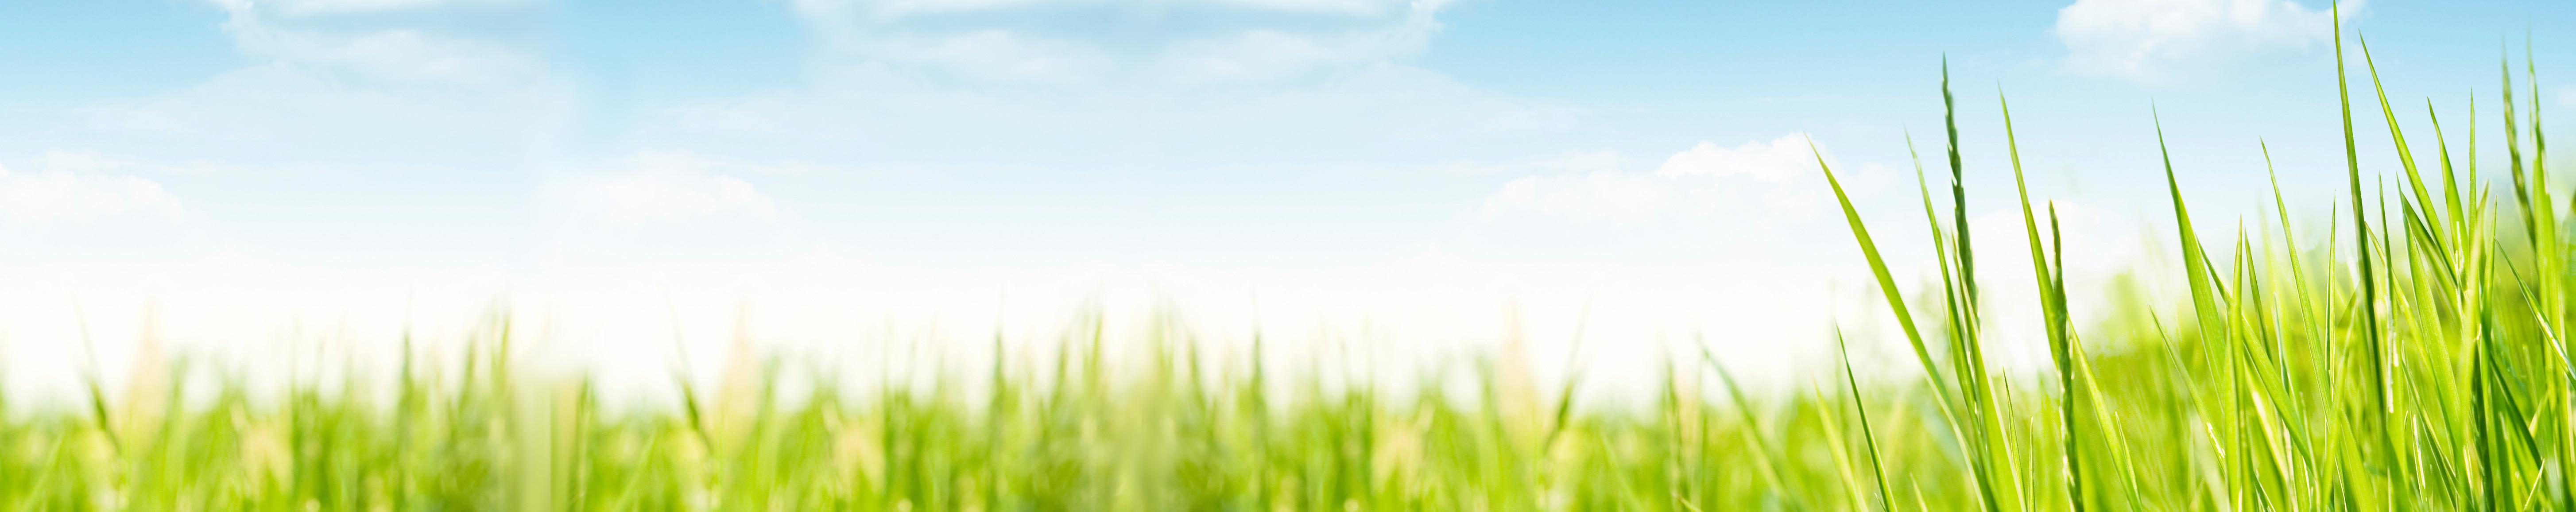 grass_wide_highres